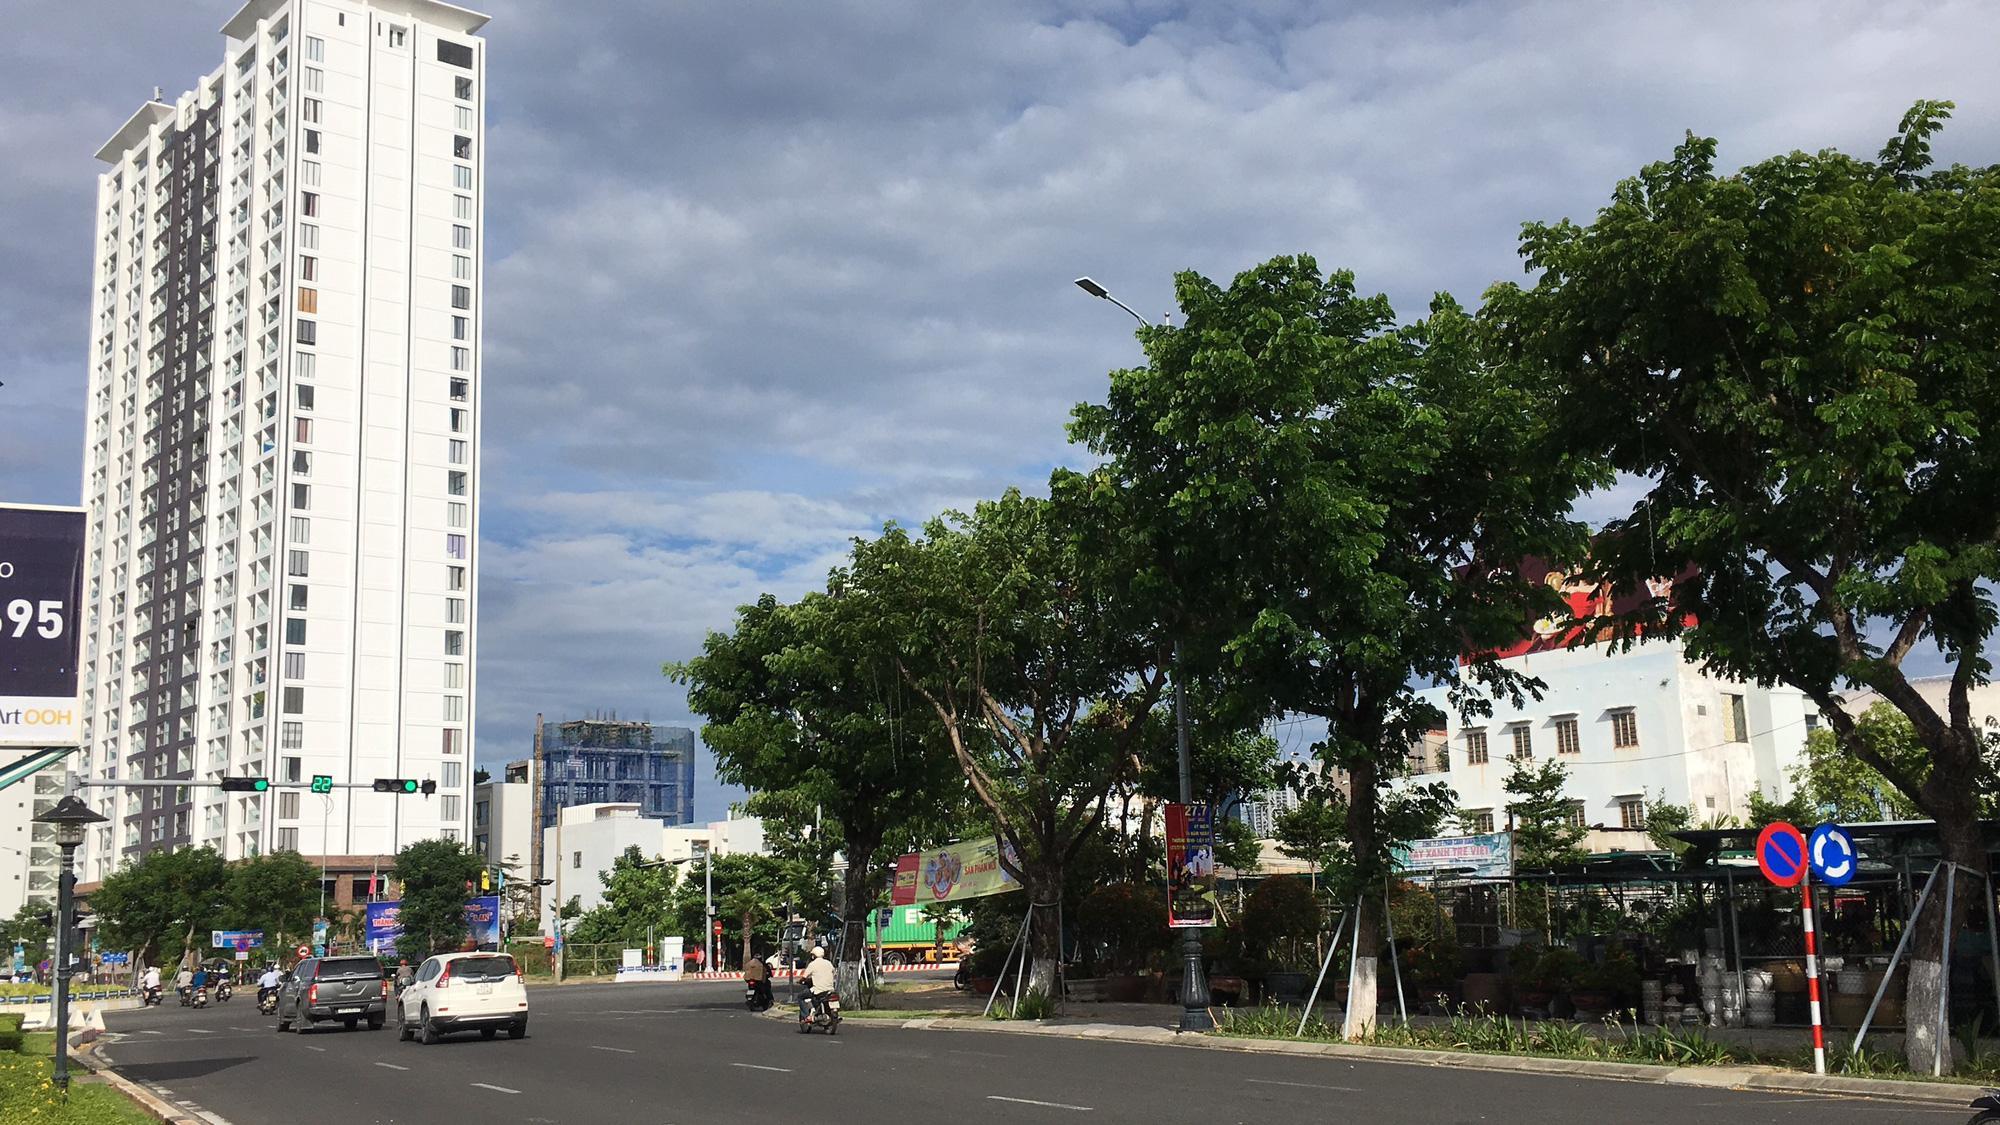 Cận cảnh hai khu đất mặt tiền đường Võ Văn Kiệt - Ngô Quyền, Đà Nẵng sẽ đấu giá xây dựng dự án cao 30 tầng - Ảnh 5.